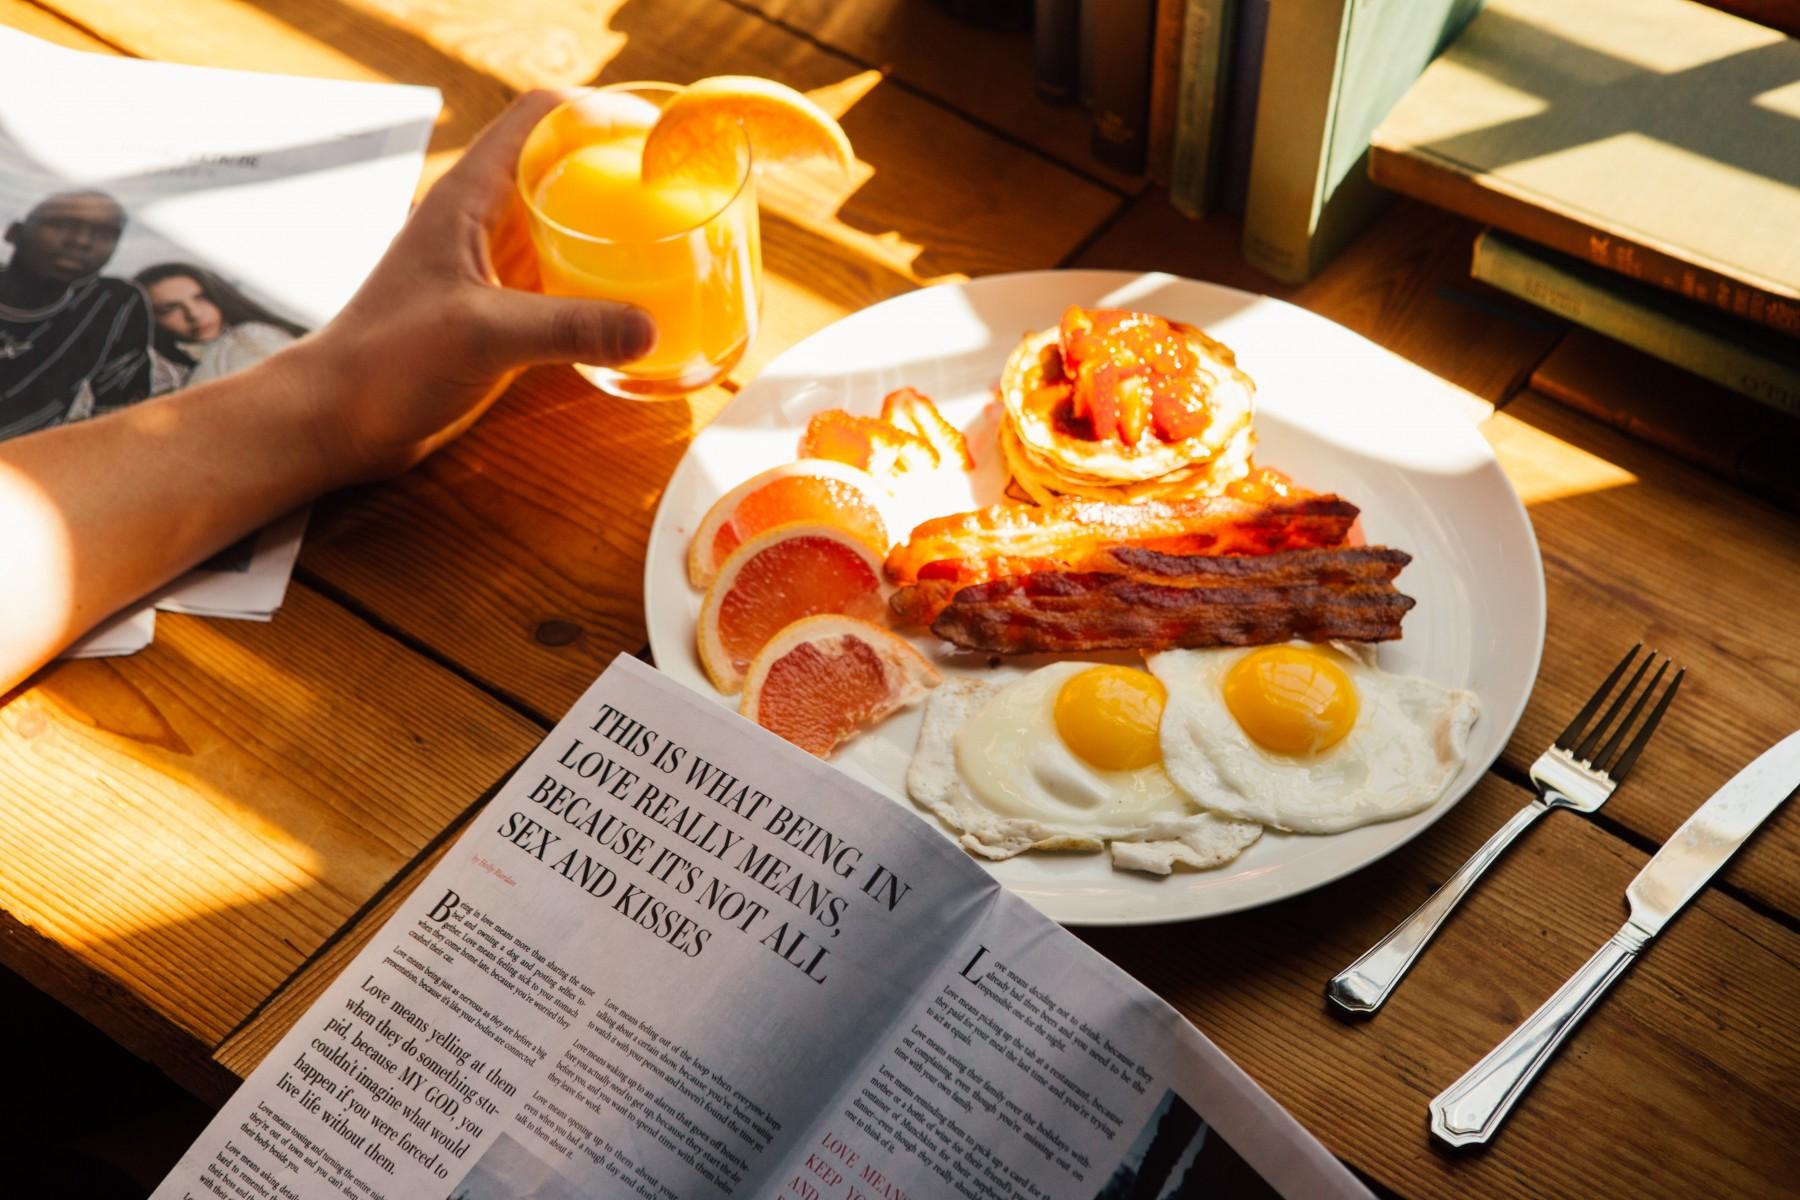 leckeres Frühstück - Spiegelei mit Speck für den Start in den Tag